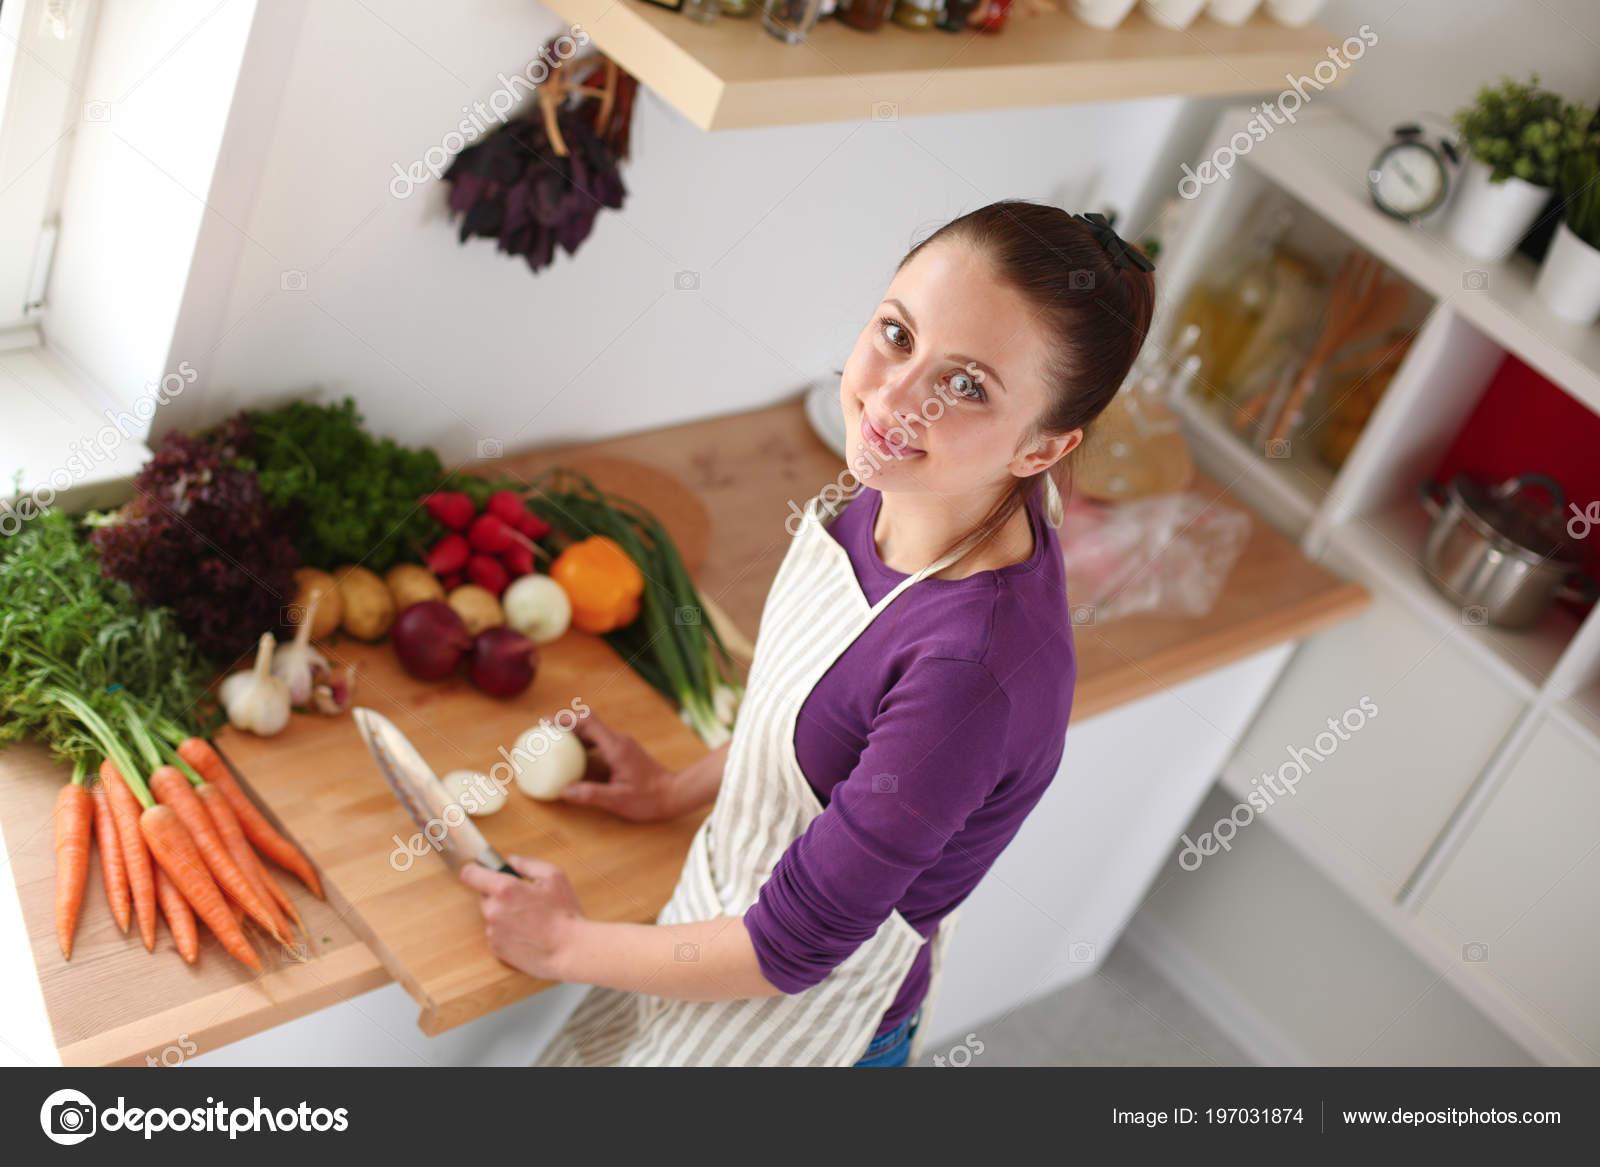 Трахнул сестру в кухне ей понравилось, Трахнул сестру на кухне -видео. Смотреть трахнул 18 фотография